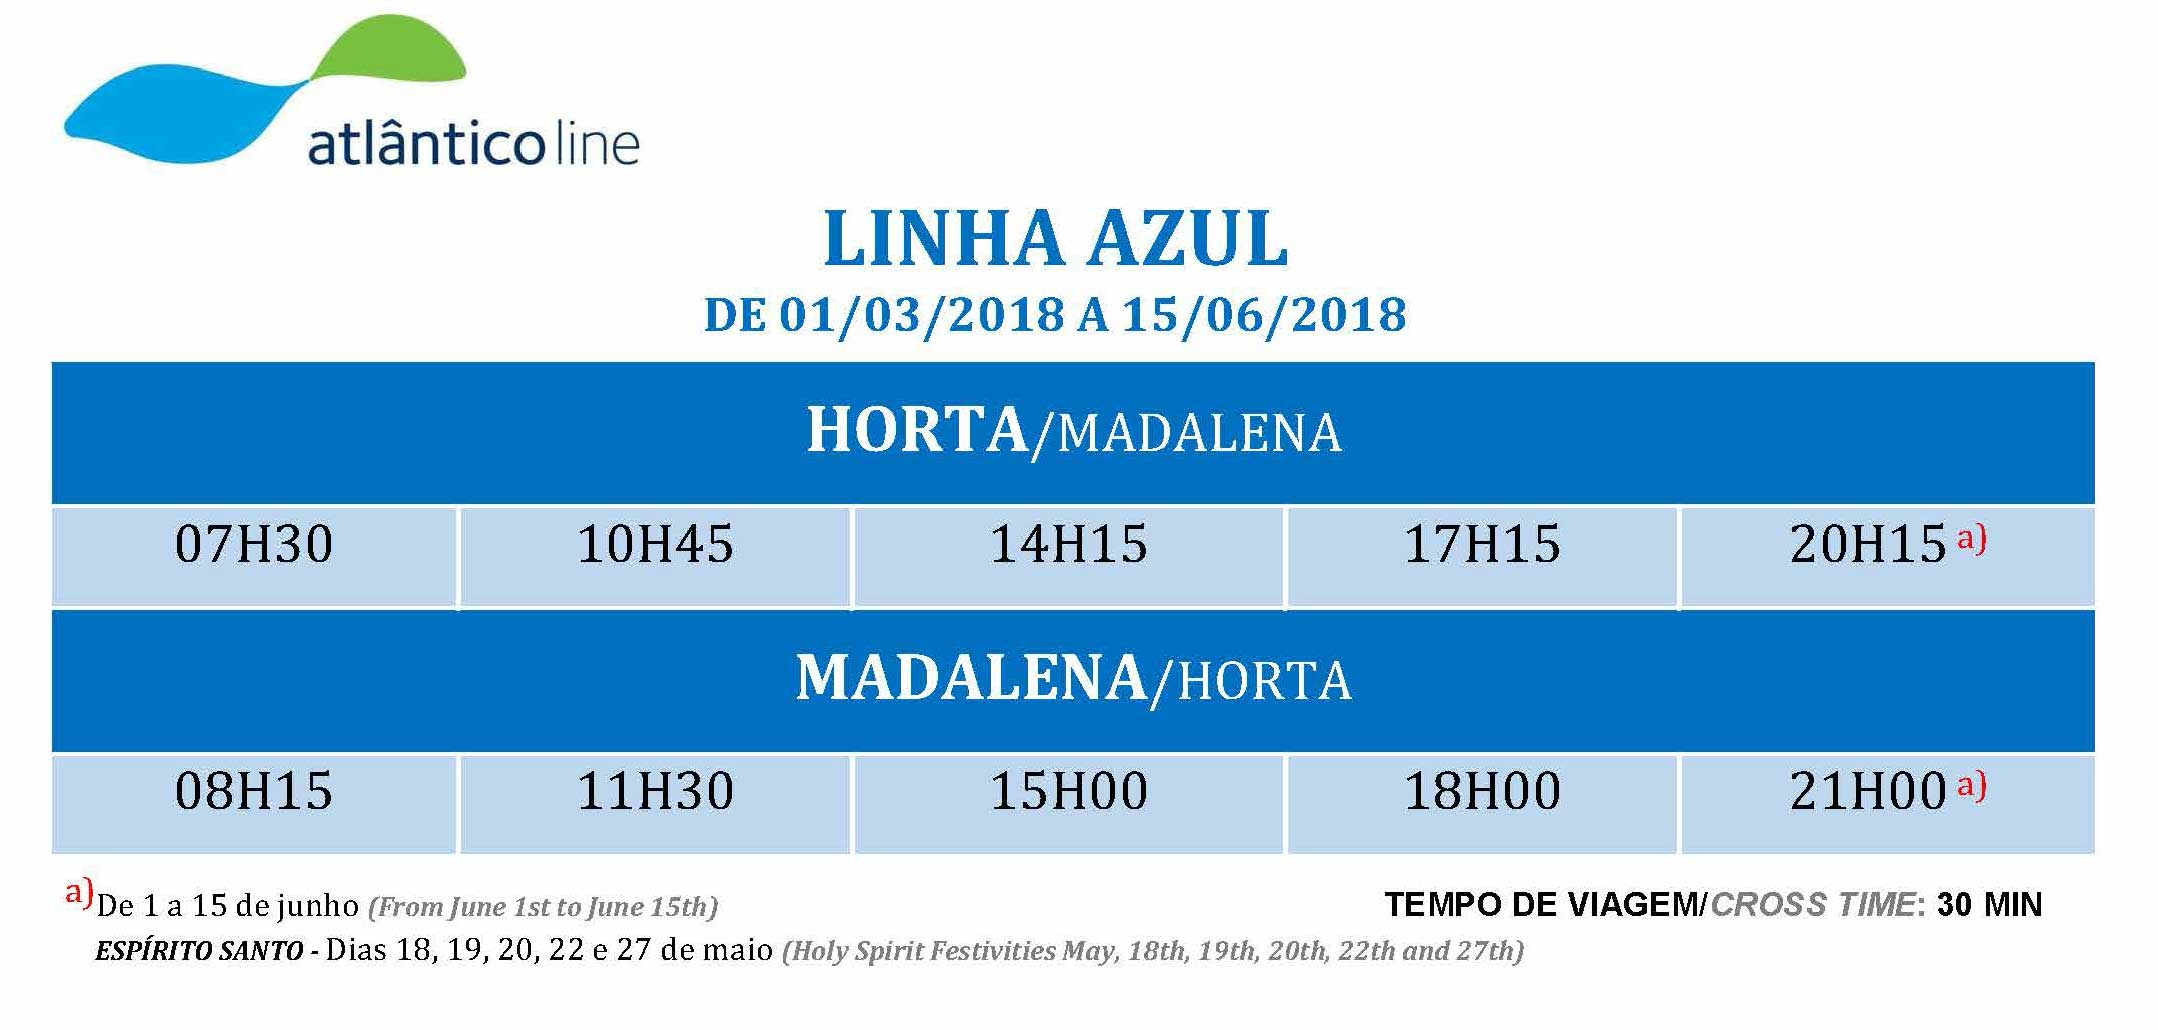 Linha_Azul_1.3.-bis-15.6.20.jpg